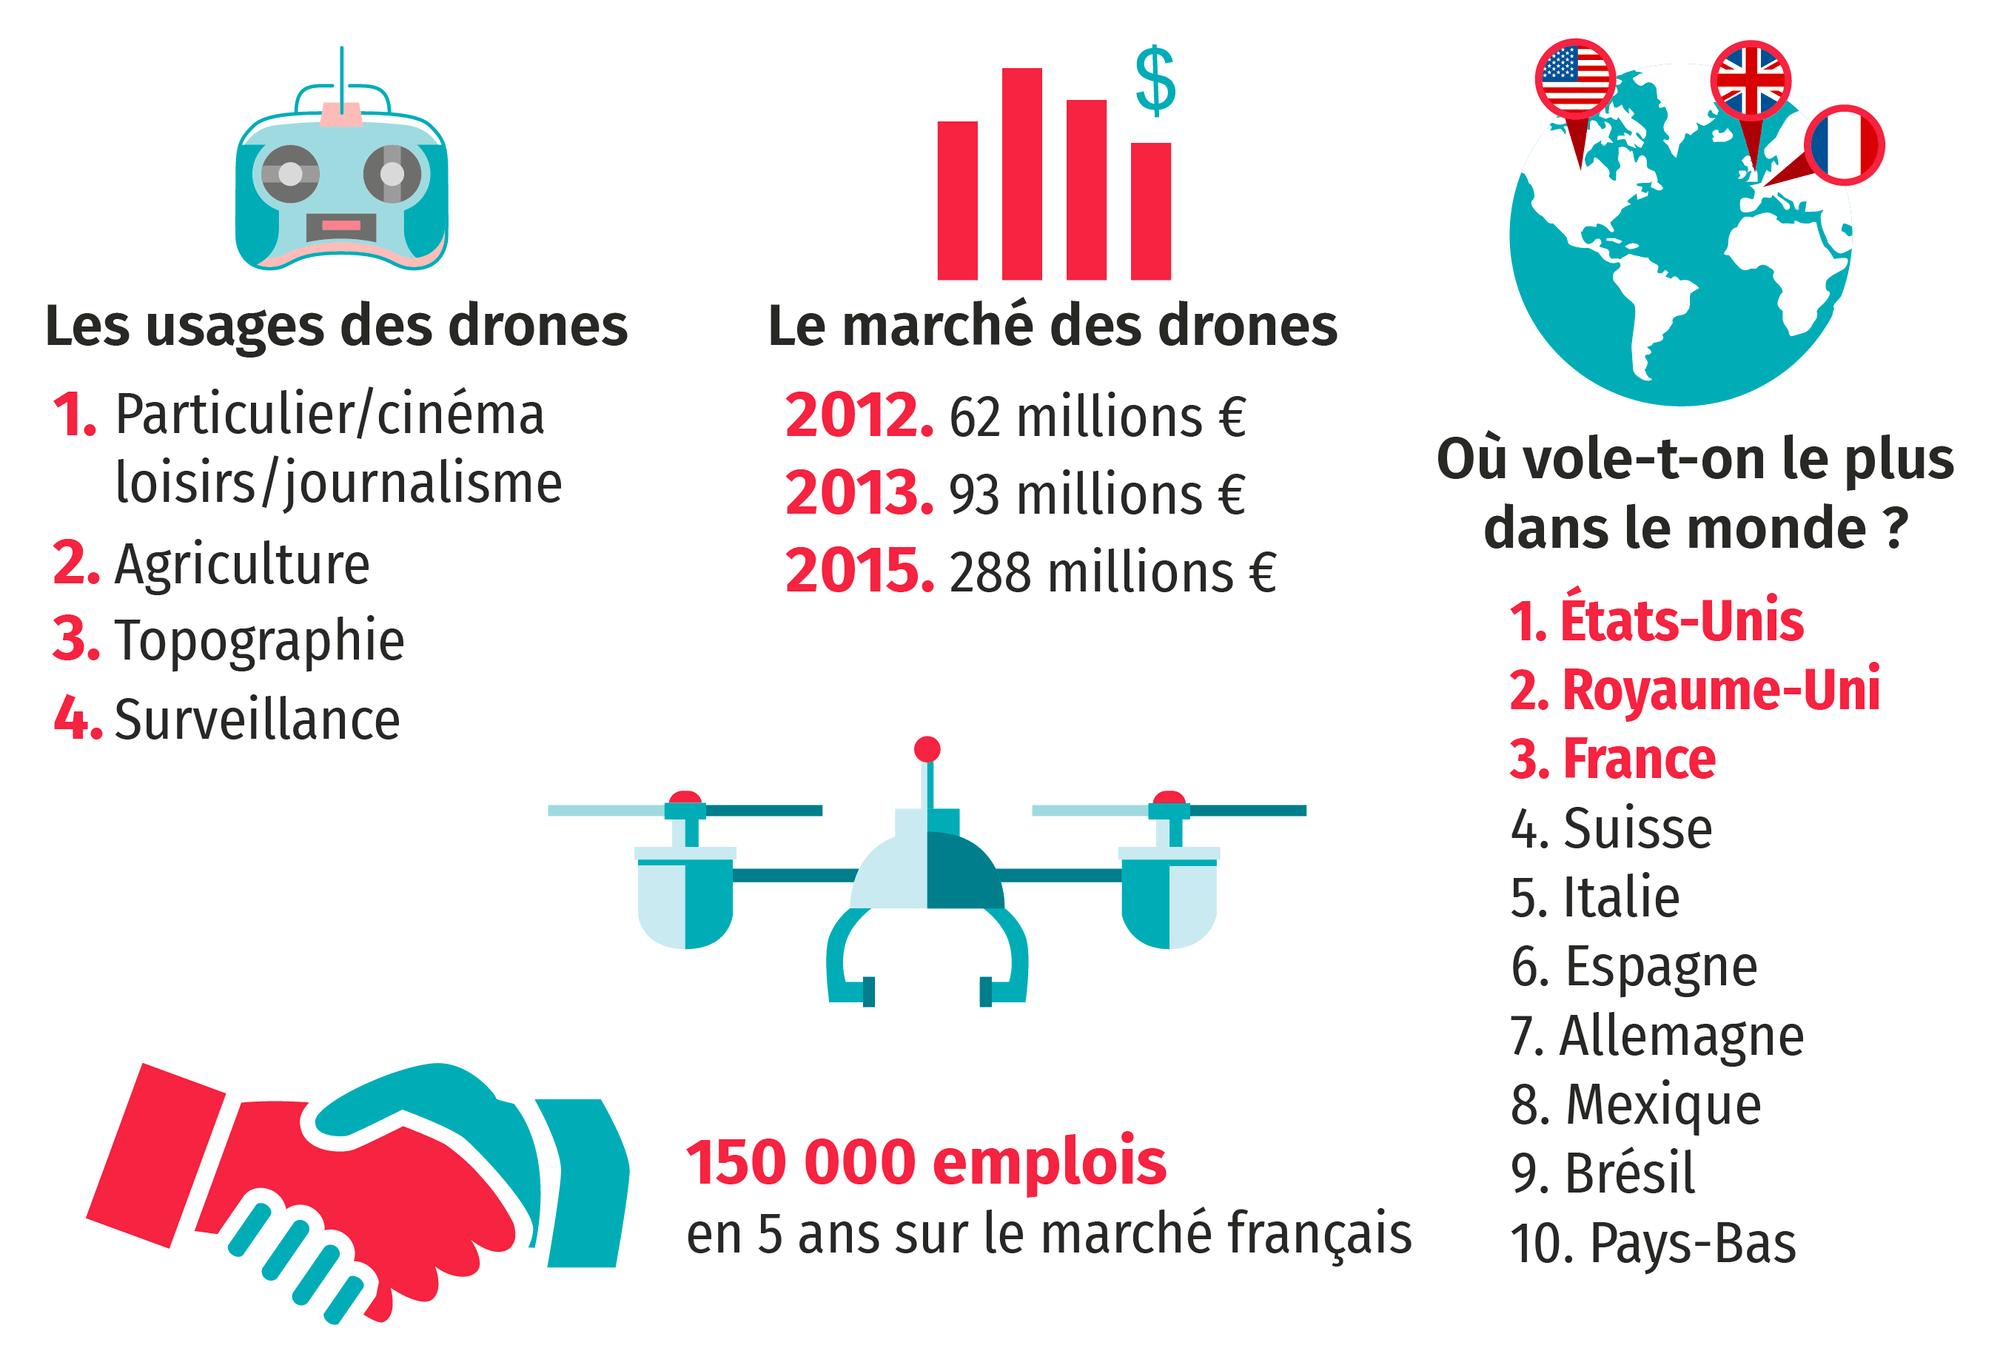 Les drones en quelques chiffres